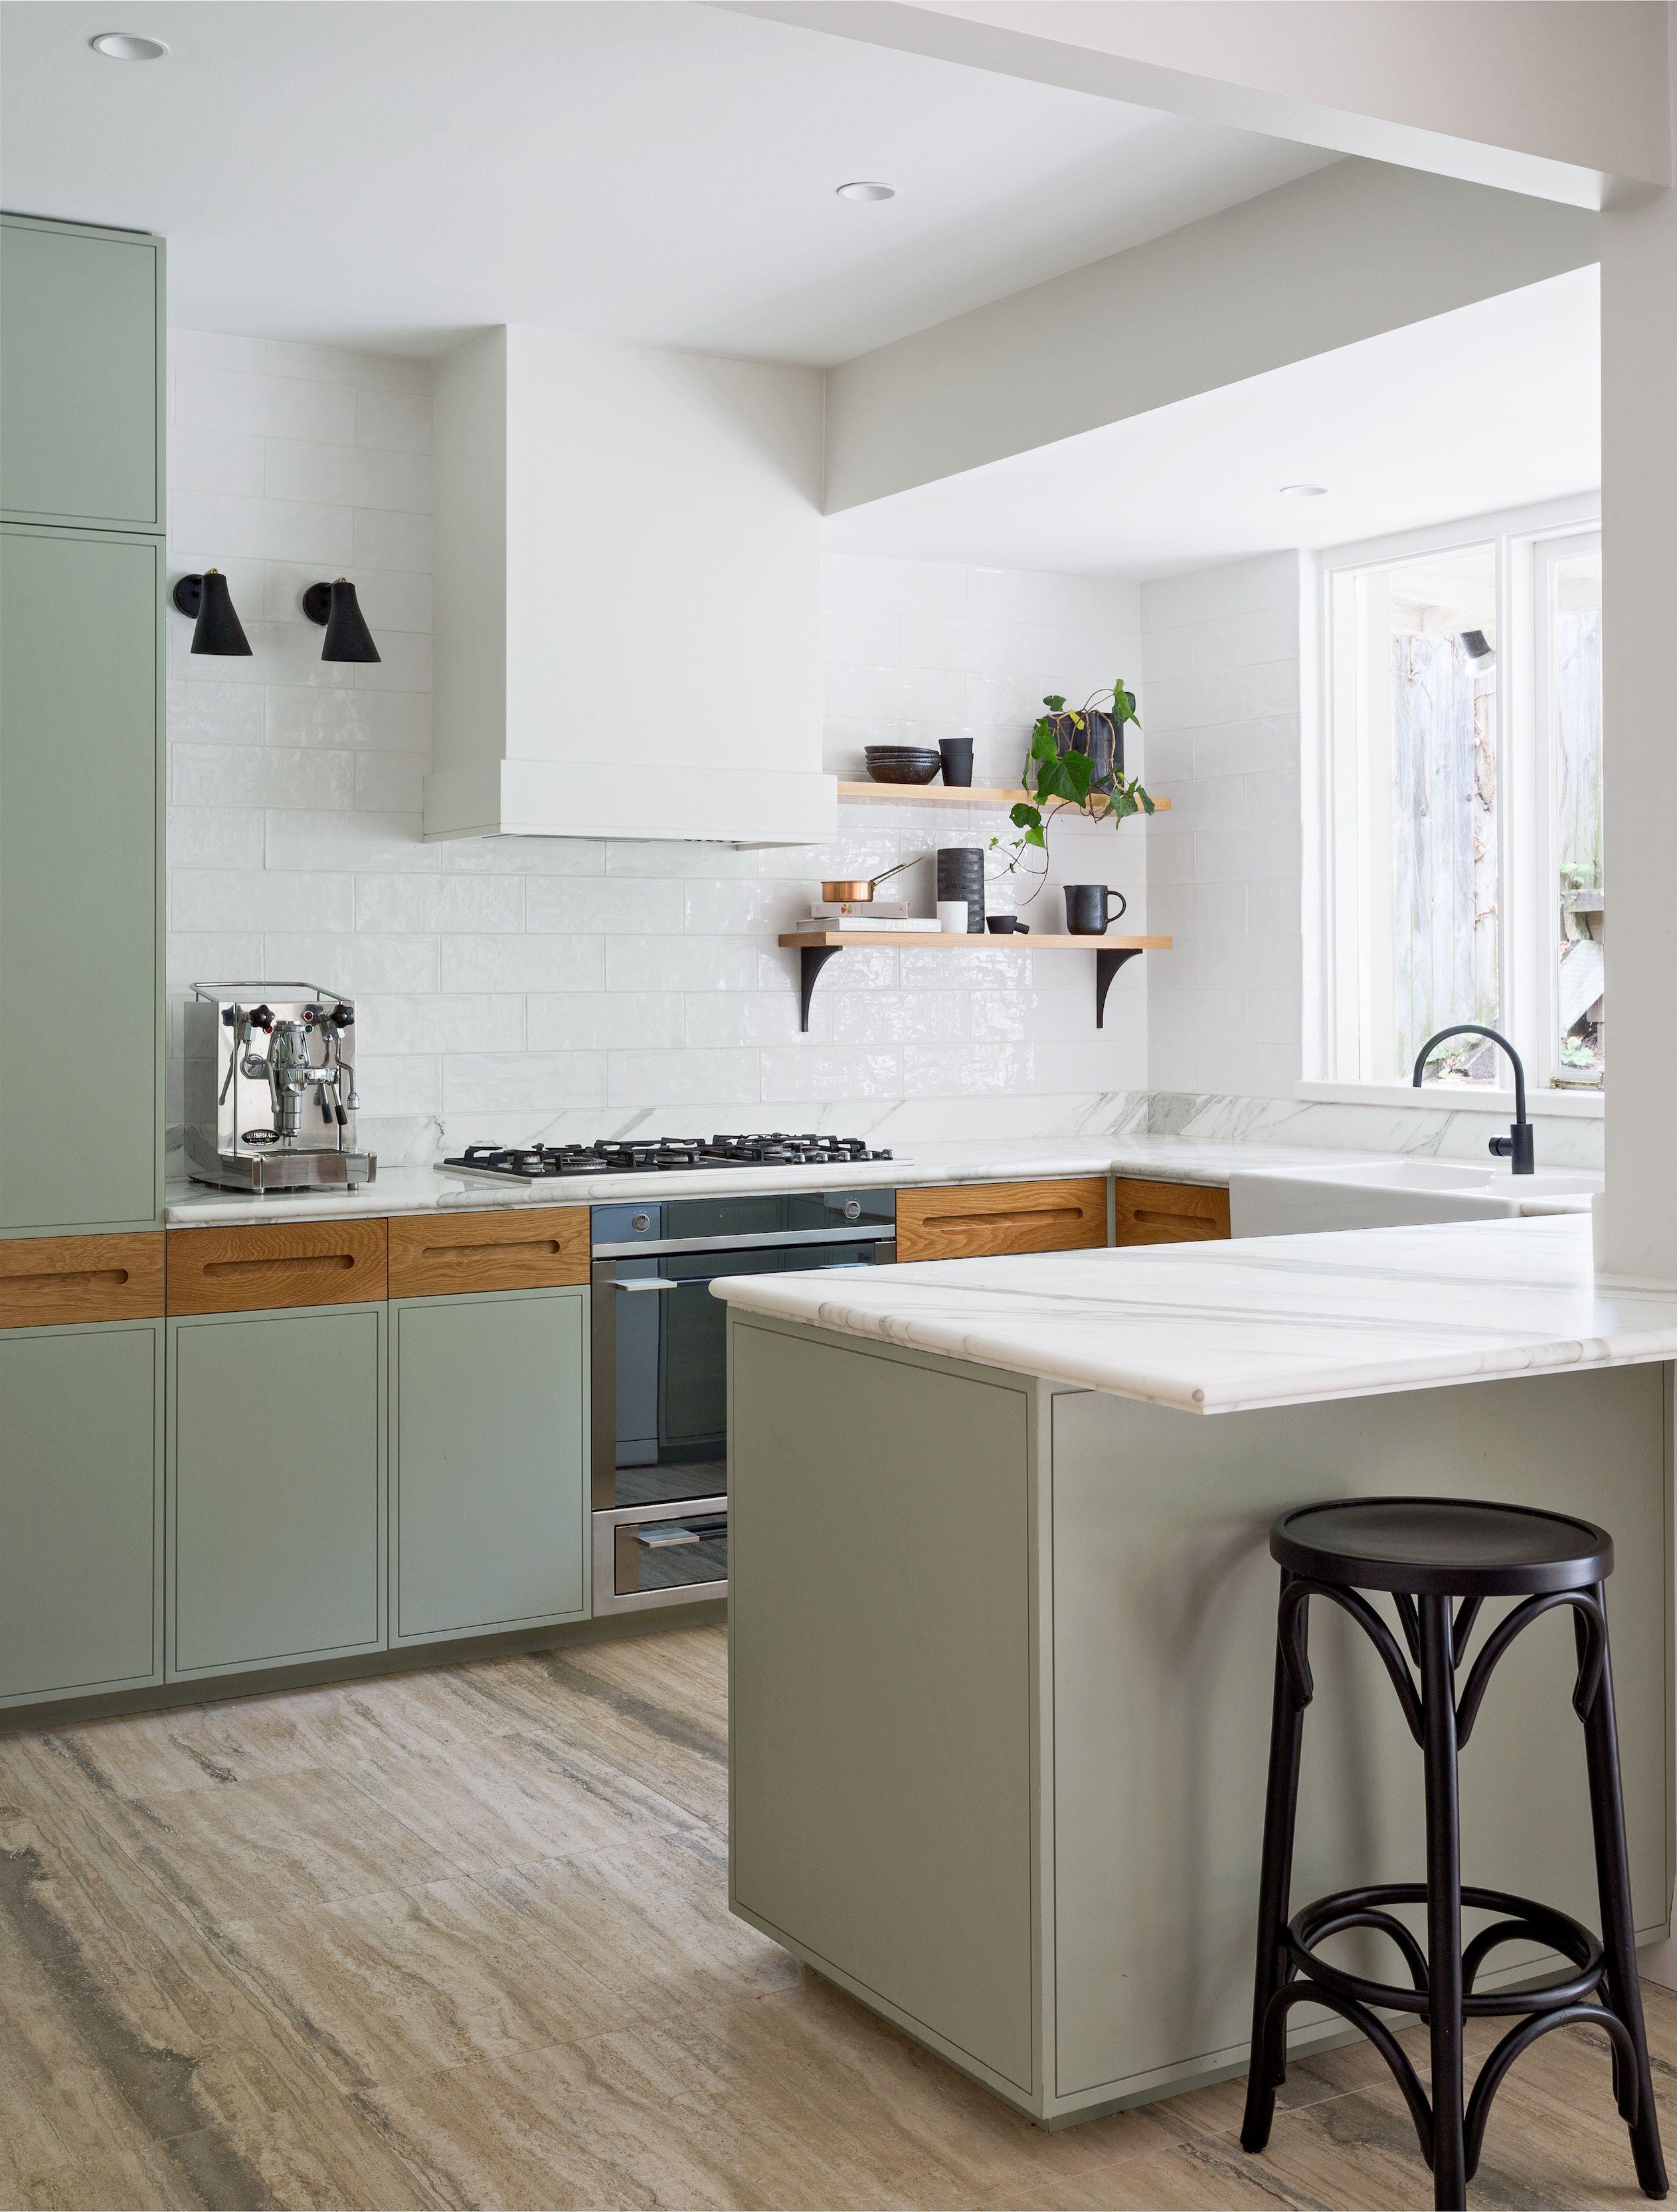 Cozinha kitchens pinterest sage kitchen calacatta marble